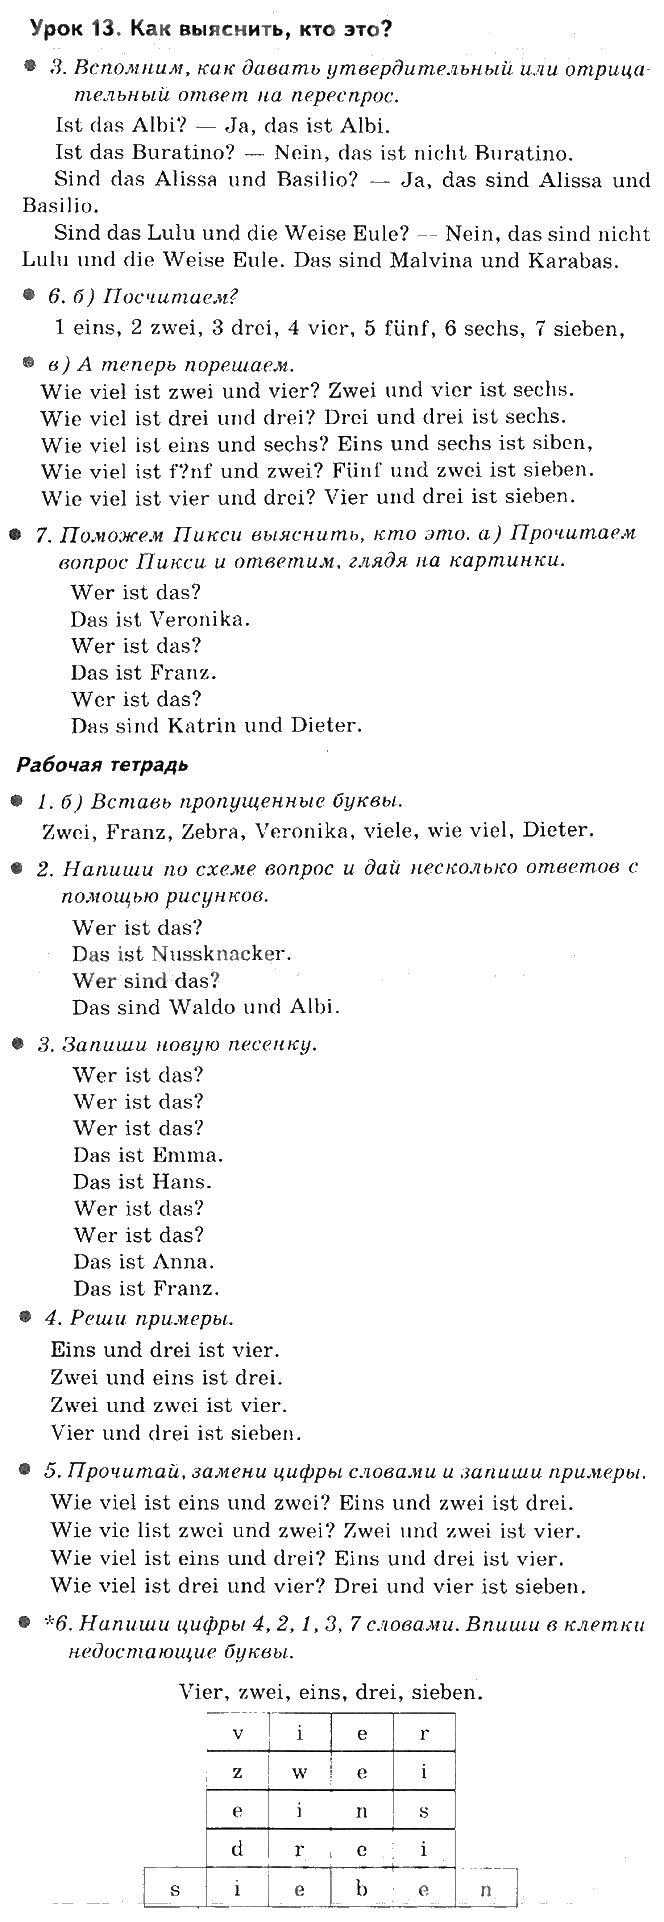 решебник deutsch 2